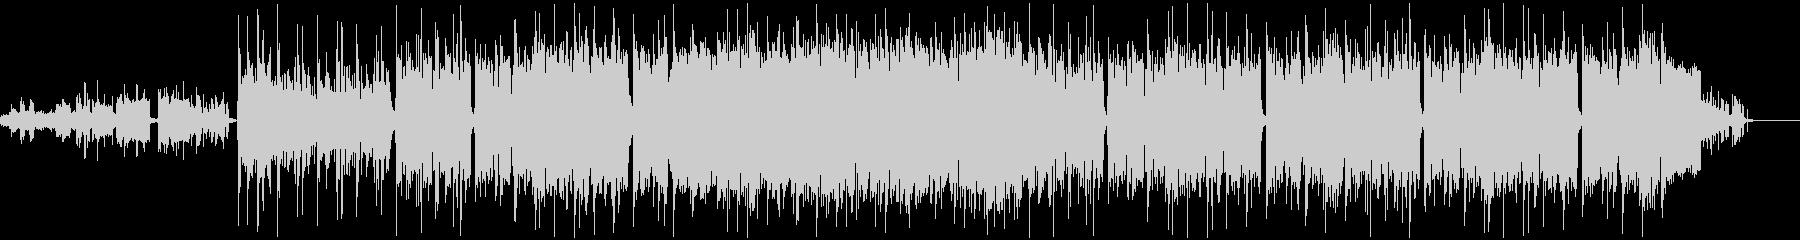 ワルいロックなBGMの未再生の波形